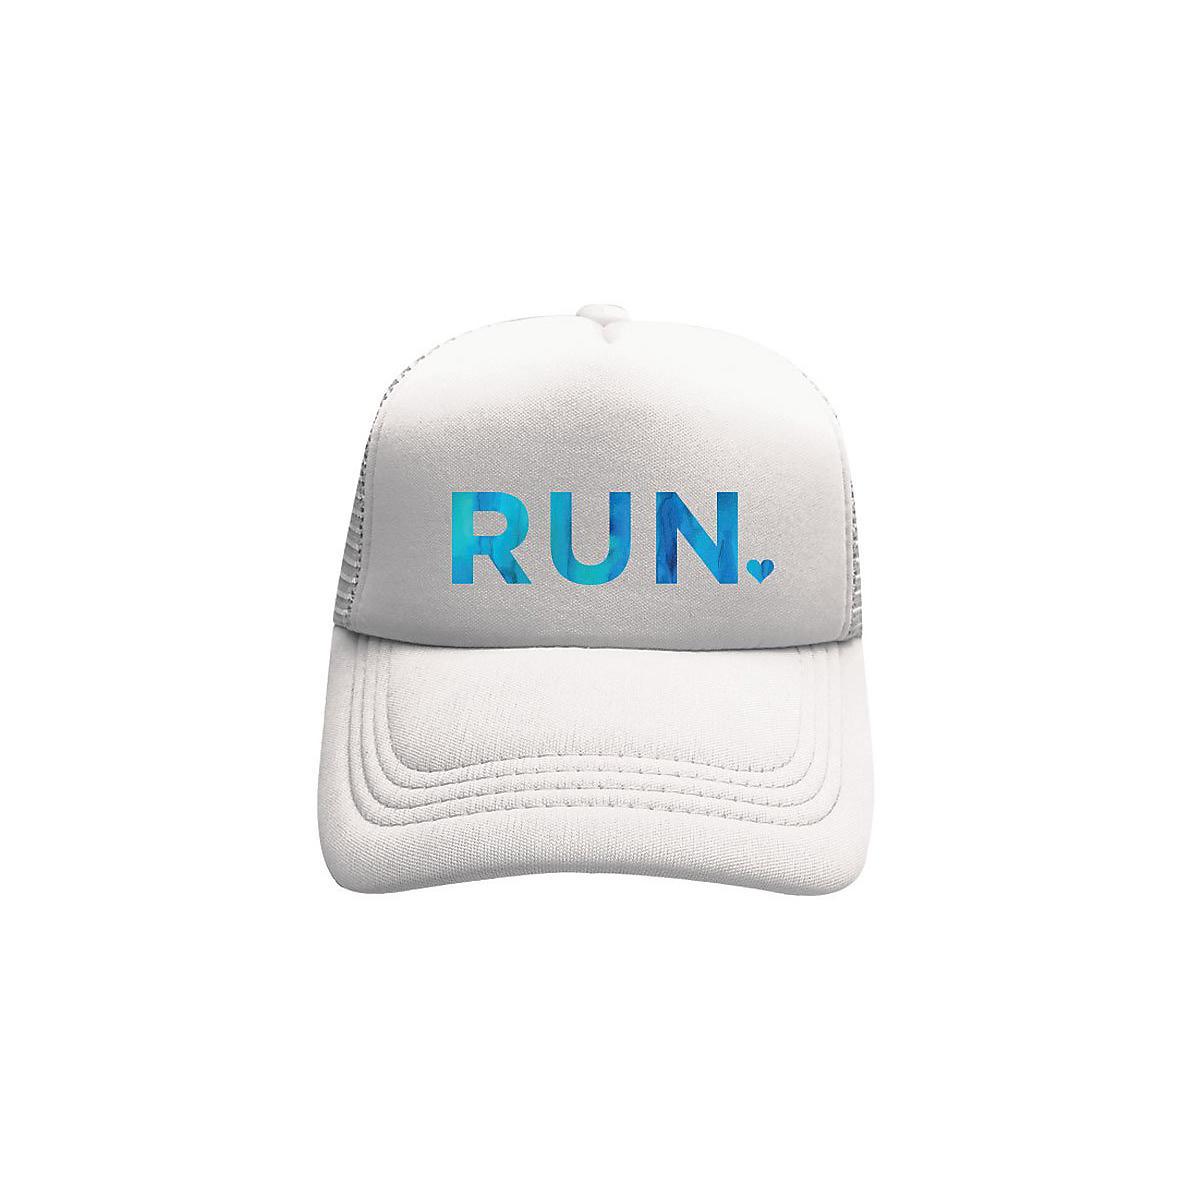 1e713334f36 Womens Tiny Trucker Run Hat Headwear at Road Runner Sports